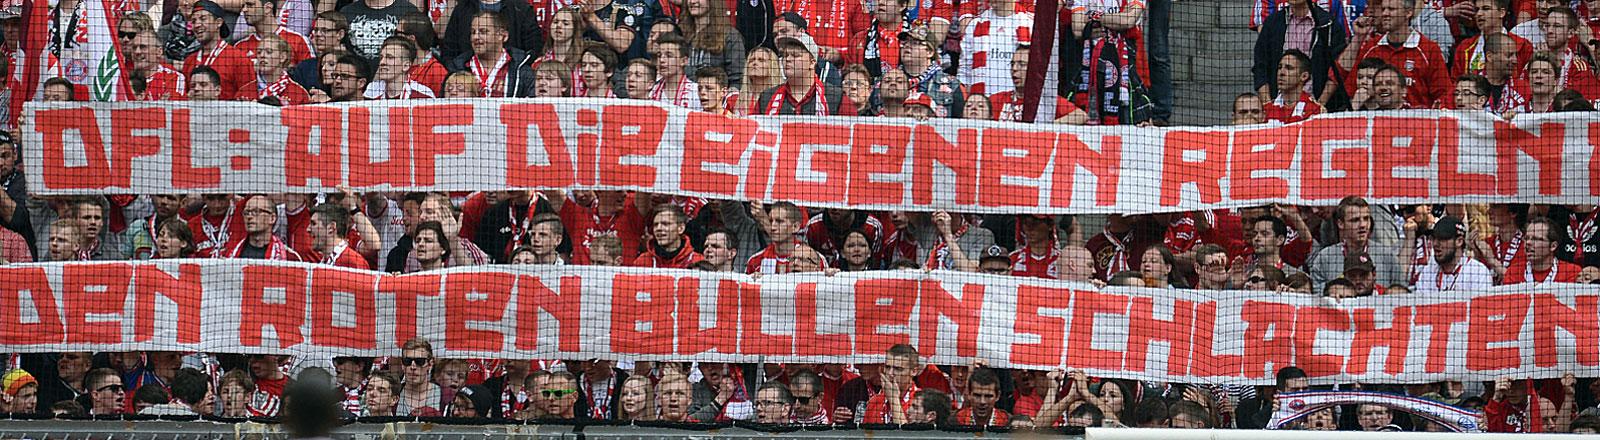 Bayern-München-Fans halten 2014 Transparent hoch